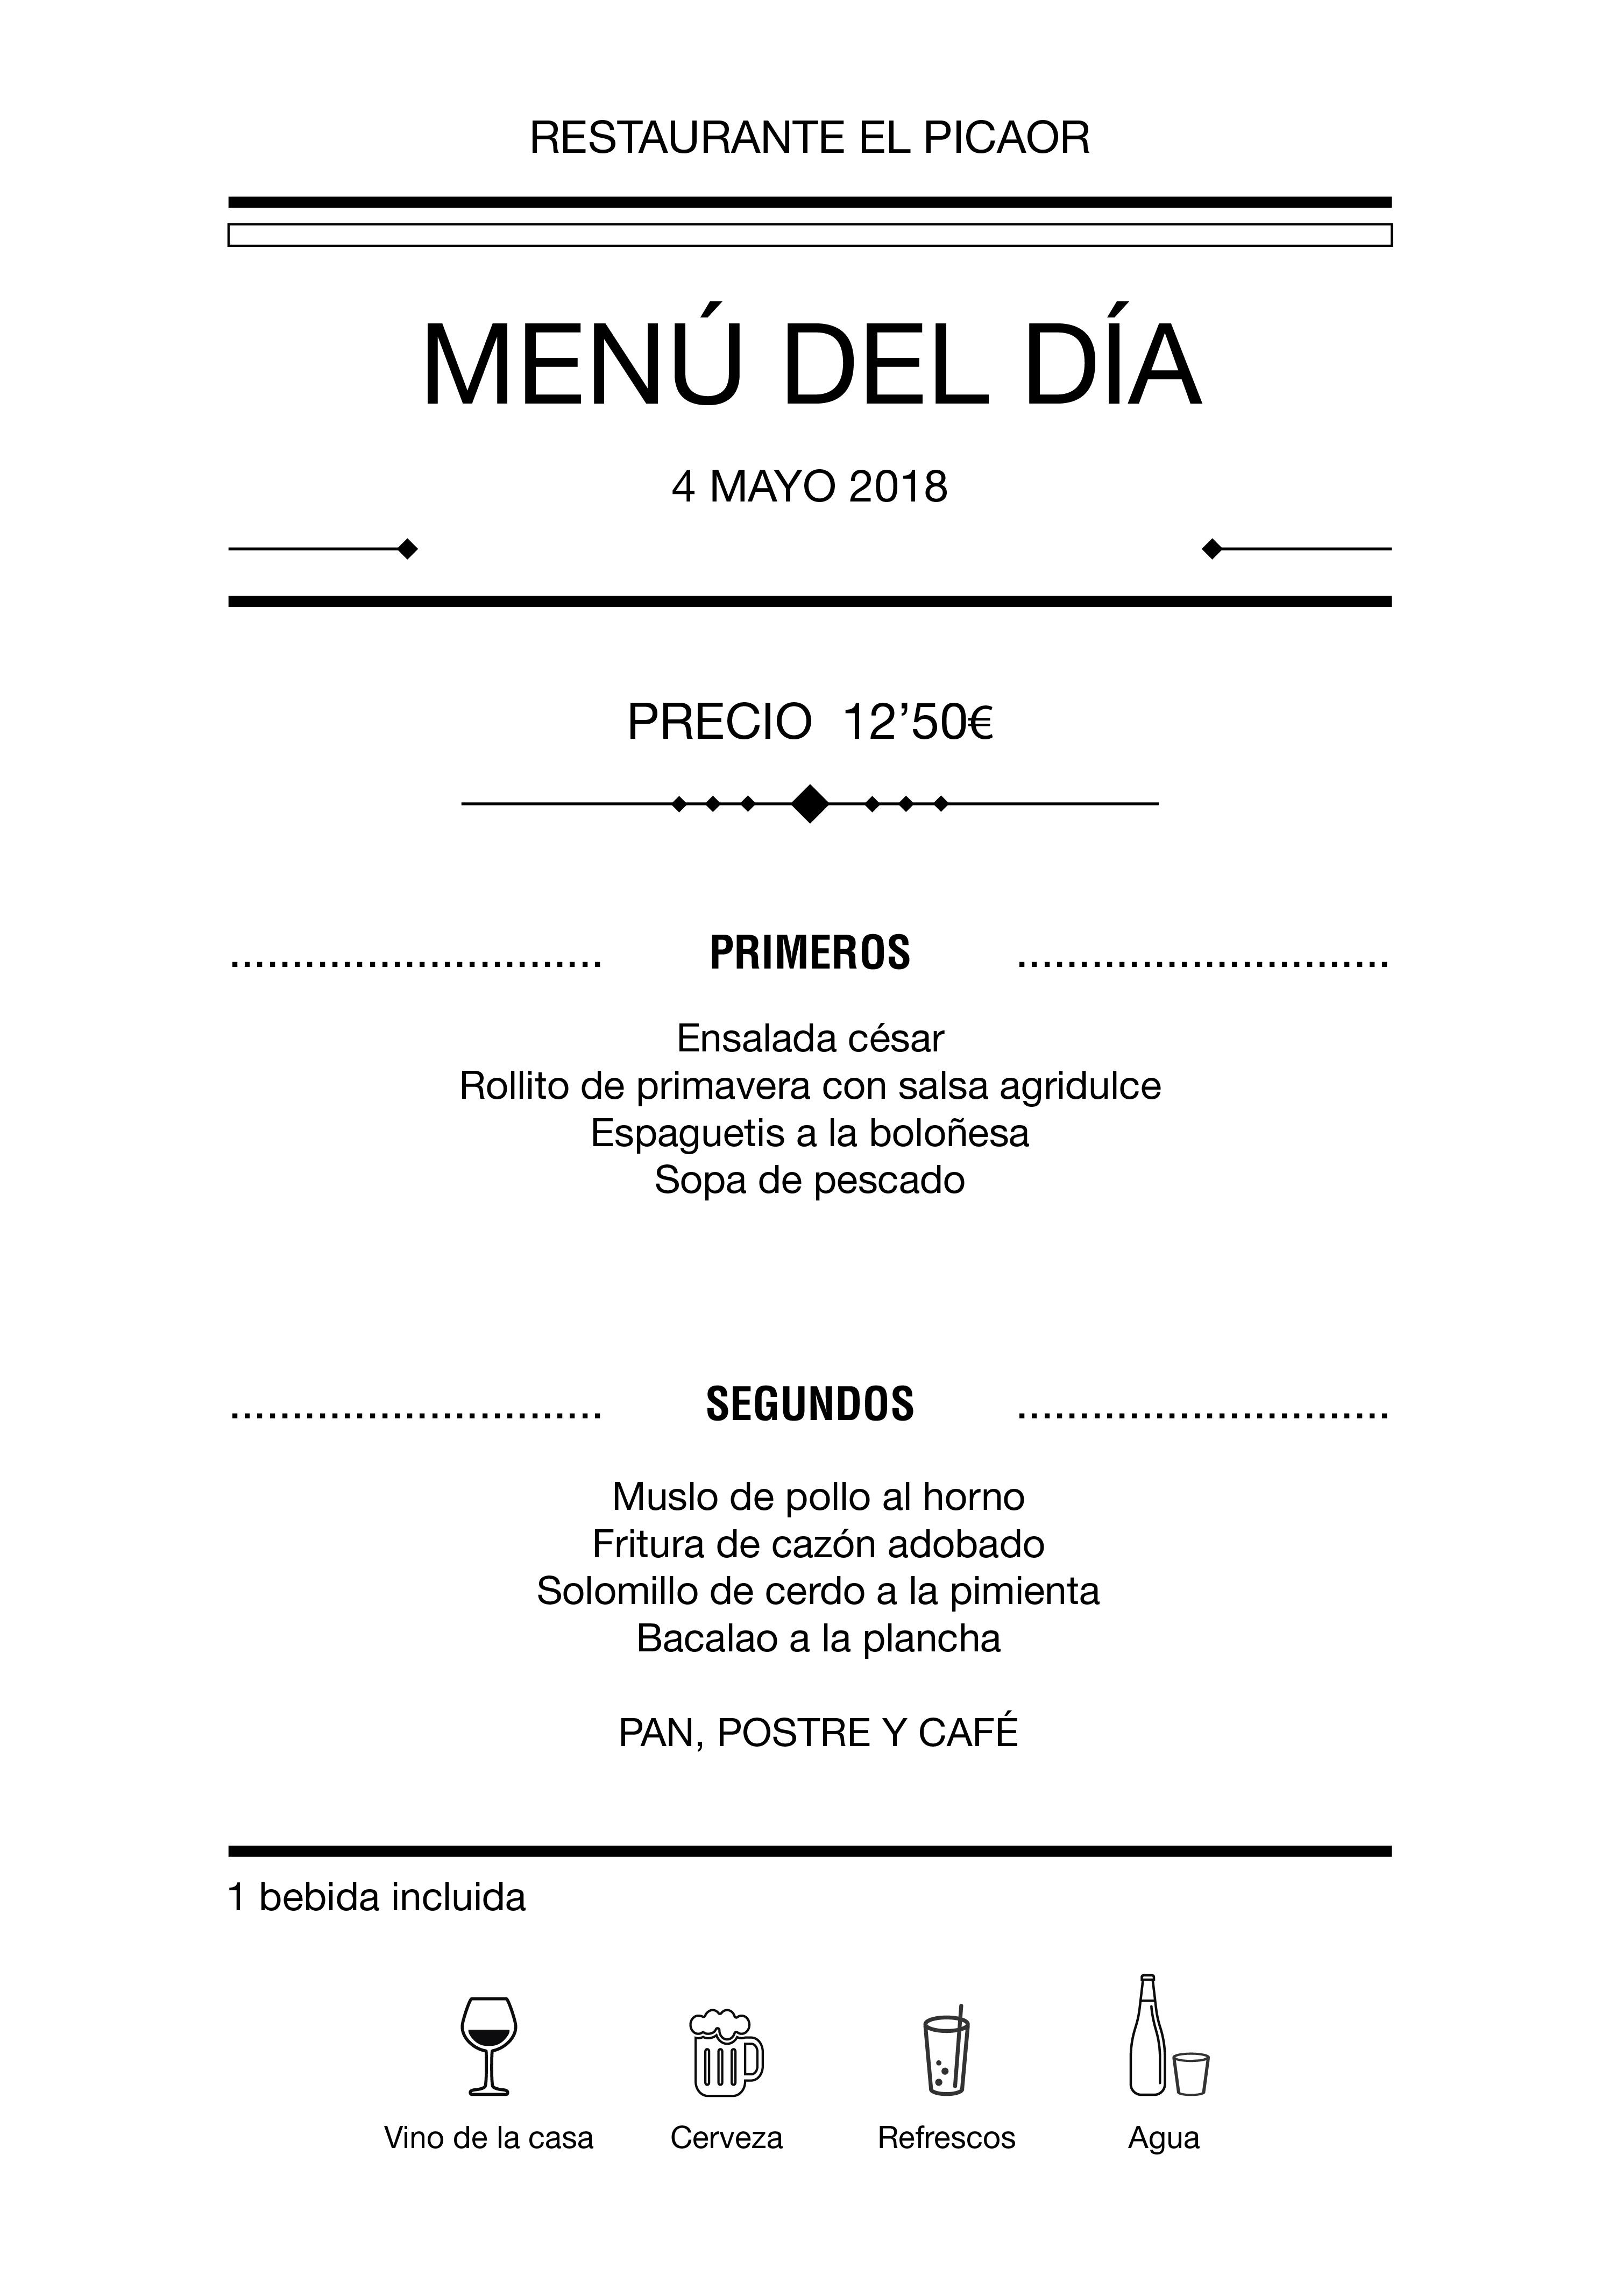 Menú diario El Picaor 04/05/18